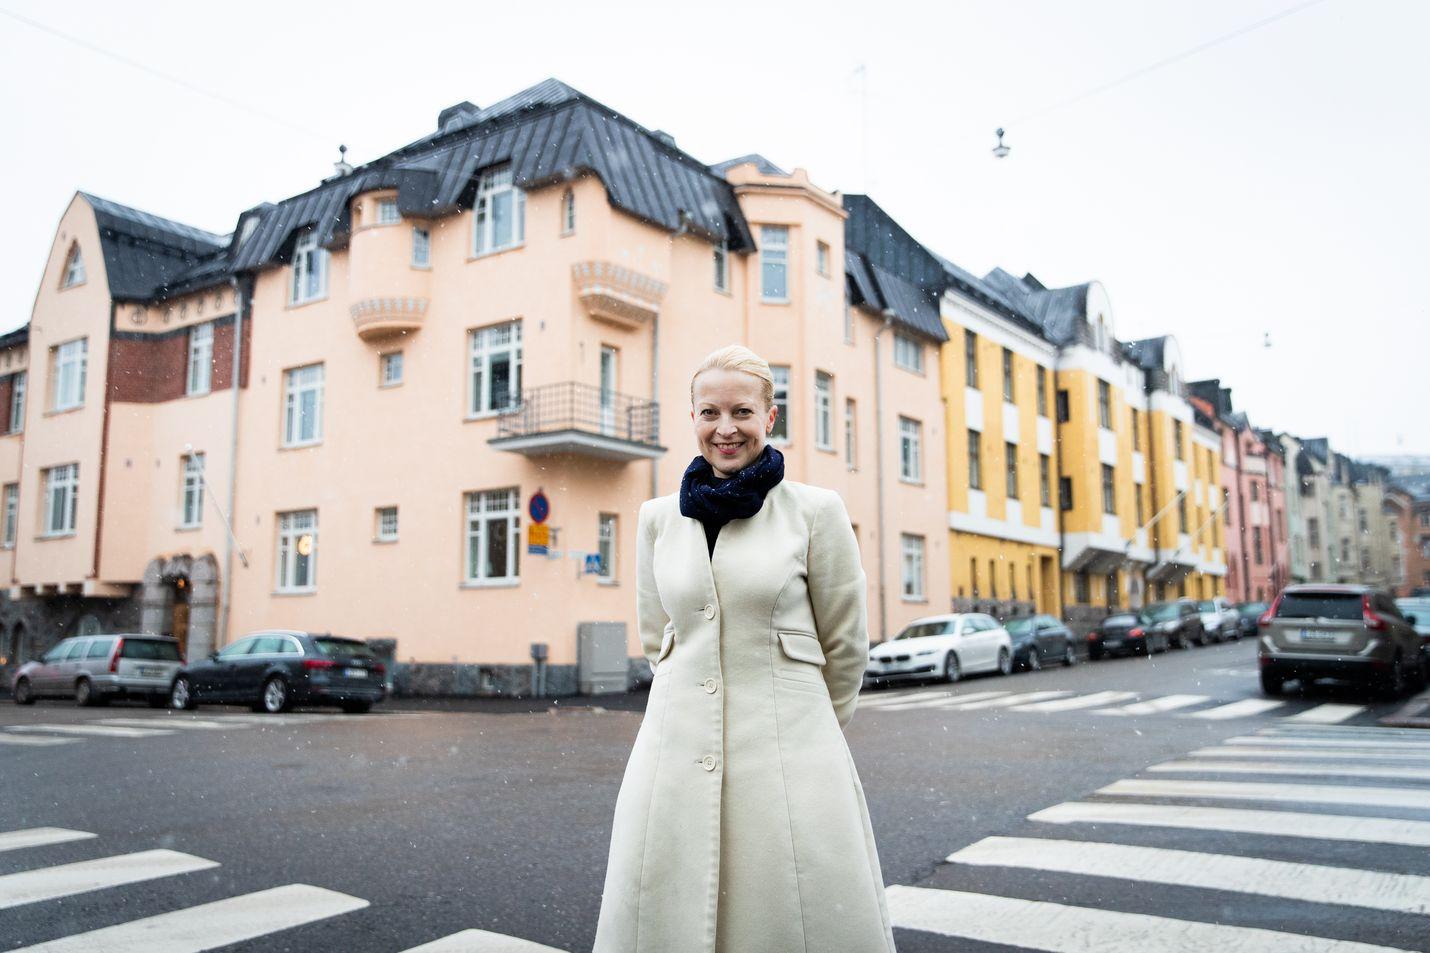 Tila- ja konseptisuunnittelija Margit Sjöroos on sitä mieltä, että klassiset rakennukset olisivat ihmisten hyvinvoinnille parempia kuin raskasurbanismin nykyarkkitehtuuri. Sjöroos kuvattiin Huvilakadulla Helsingin Eirassa.